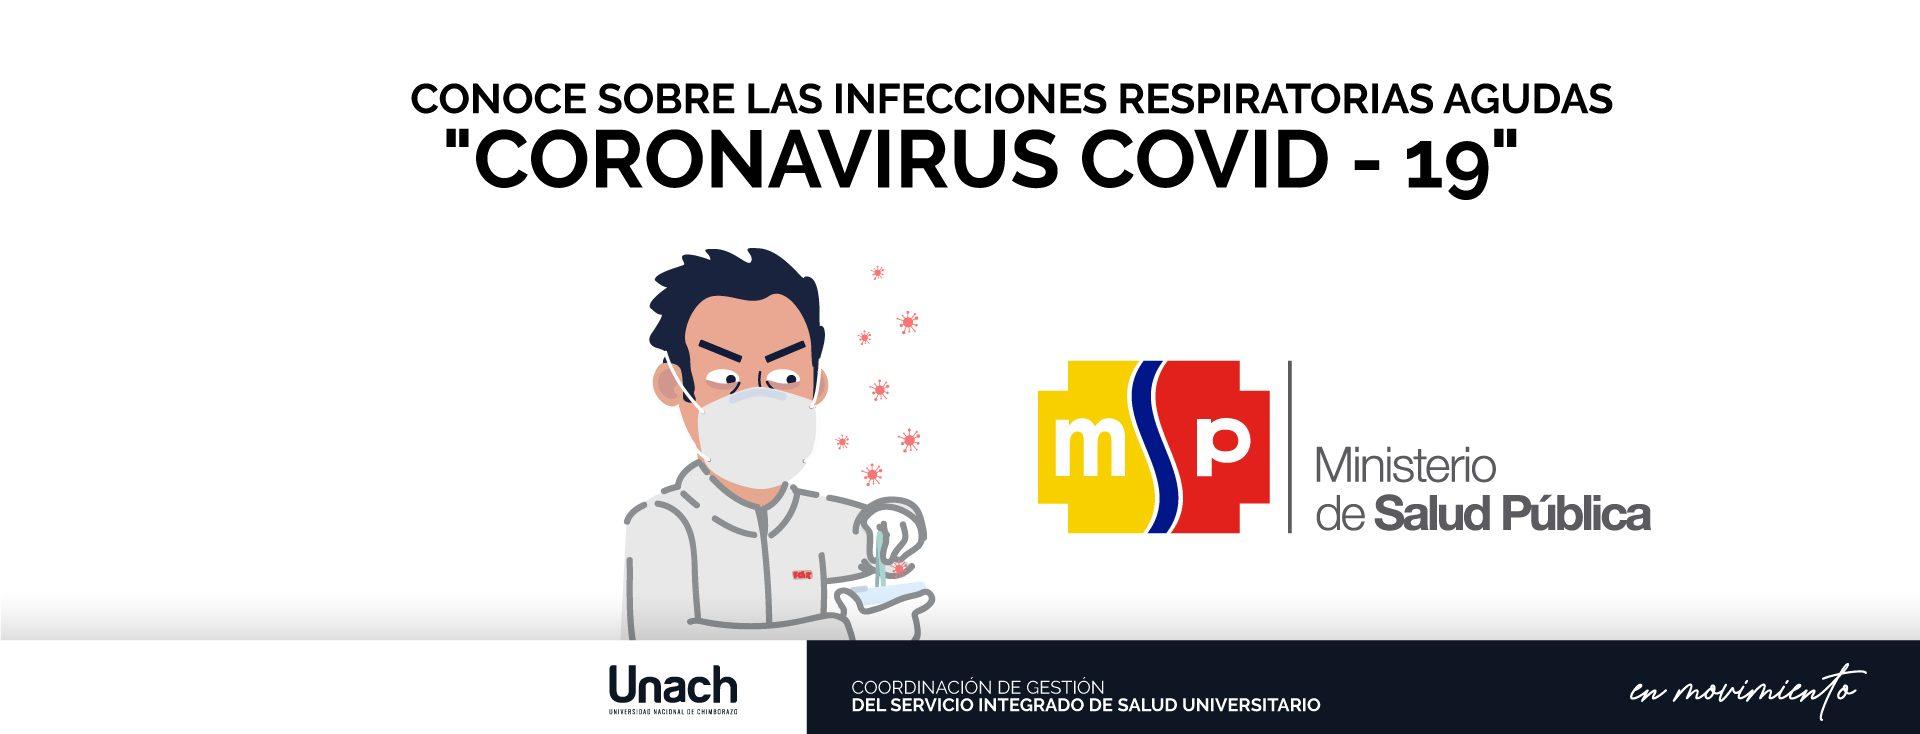 """CONOCE SOBRE LAS INFECCIONES RESPIRATORIAS AGUDAS """"CORONAVIRUS COVID - 19"""""""